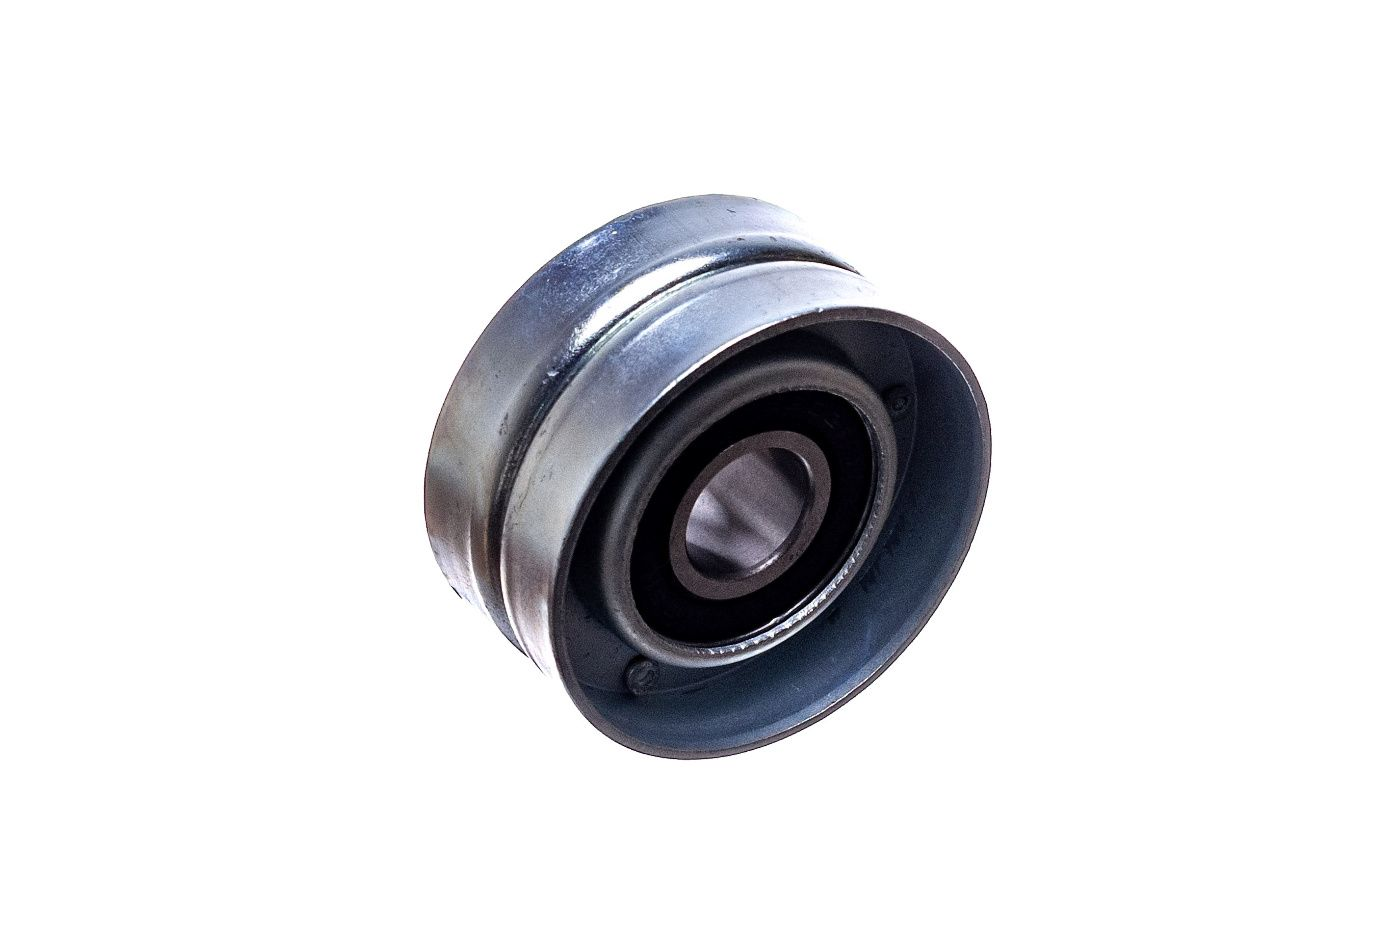 Napínák remeňa pohonu ZLST651Q - SX-11-170